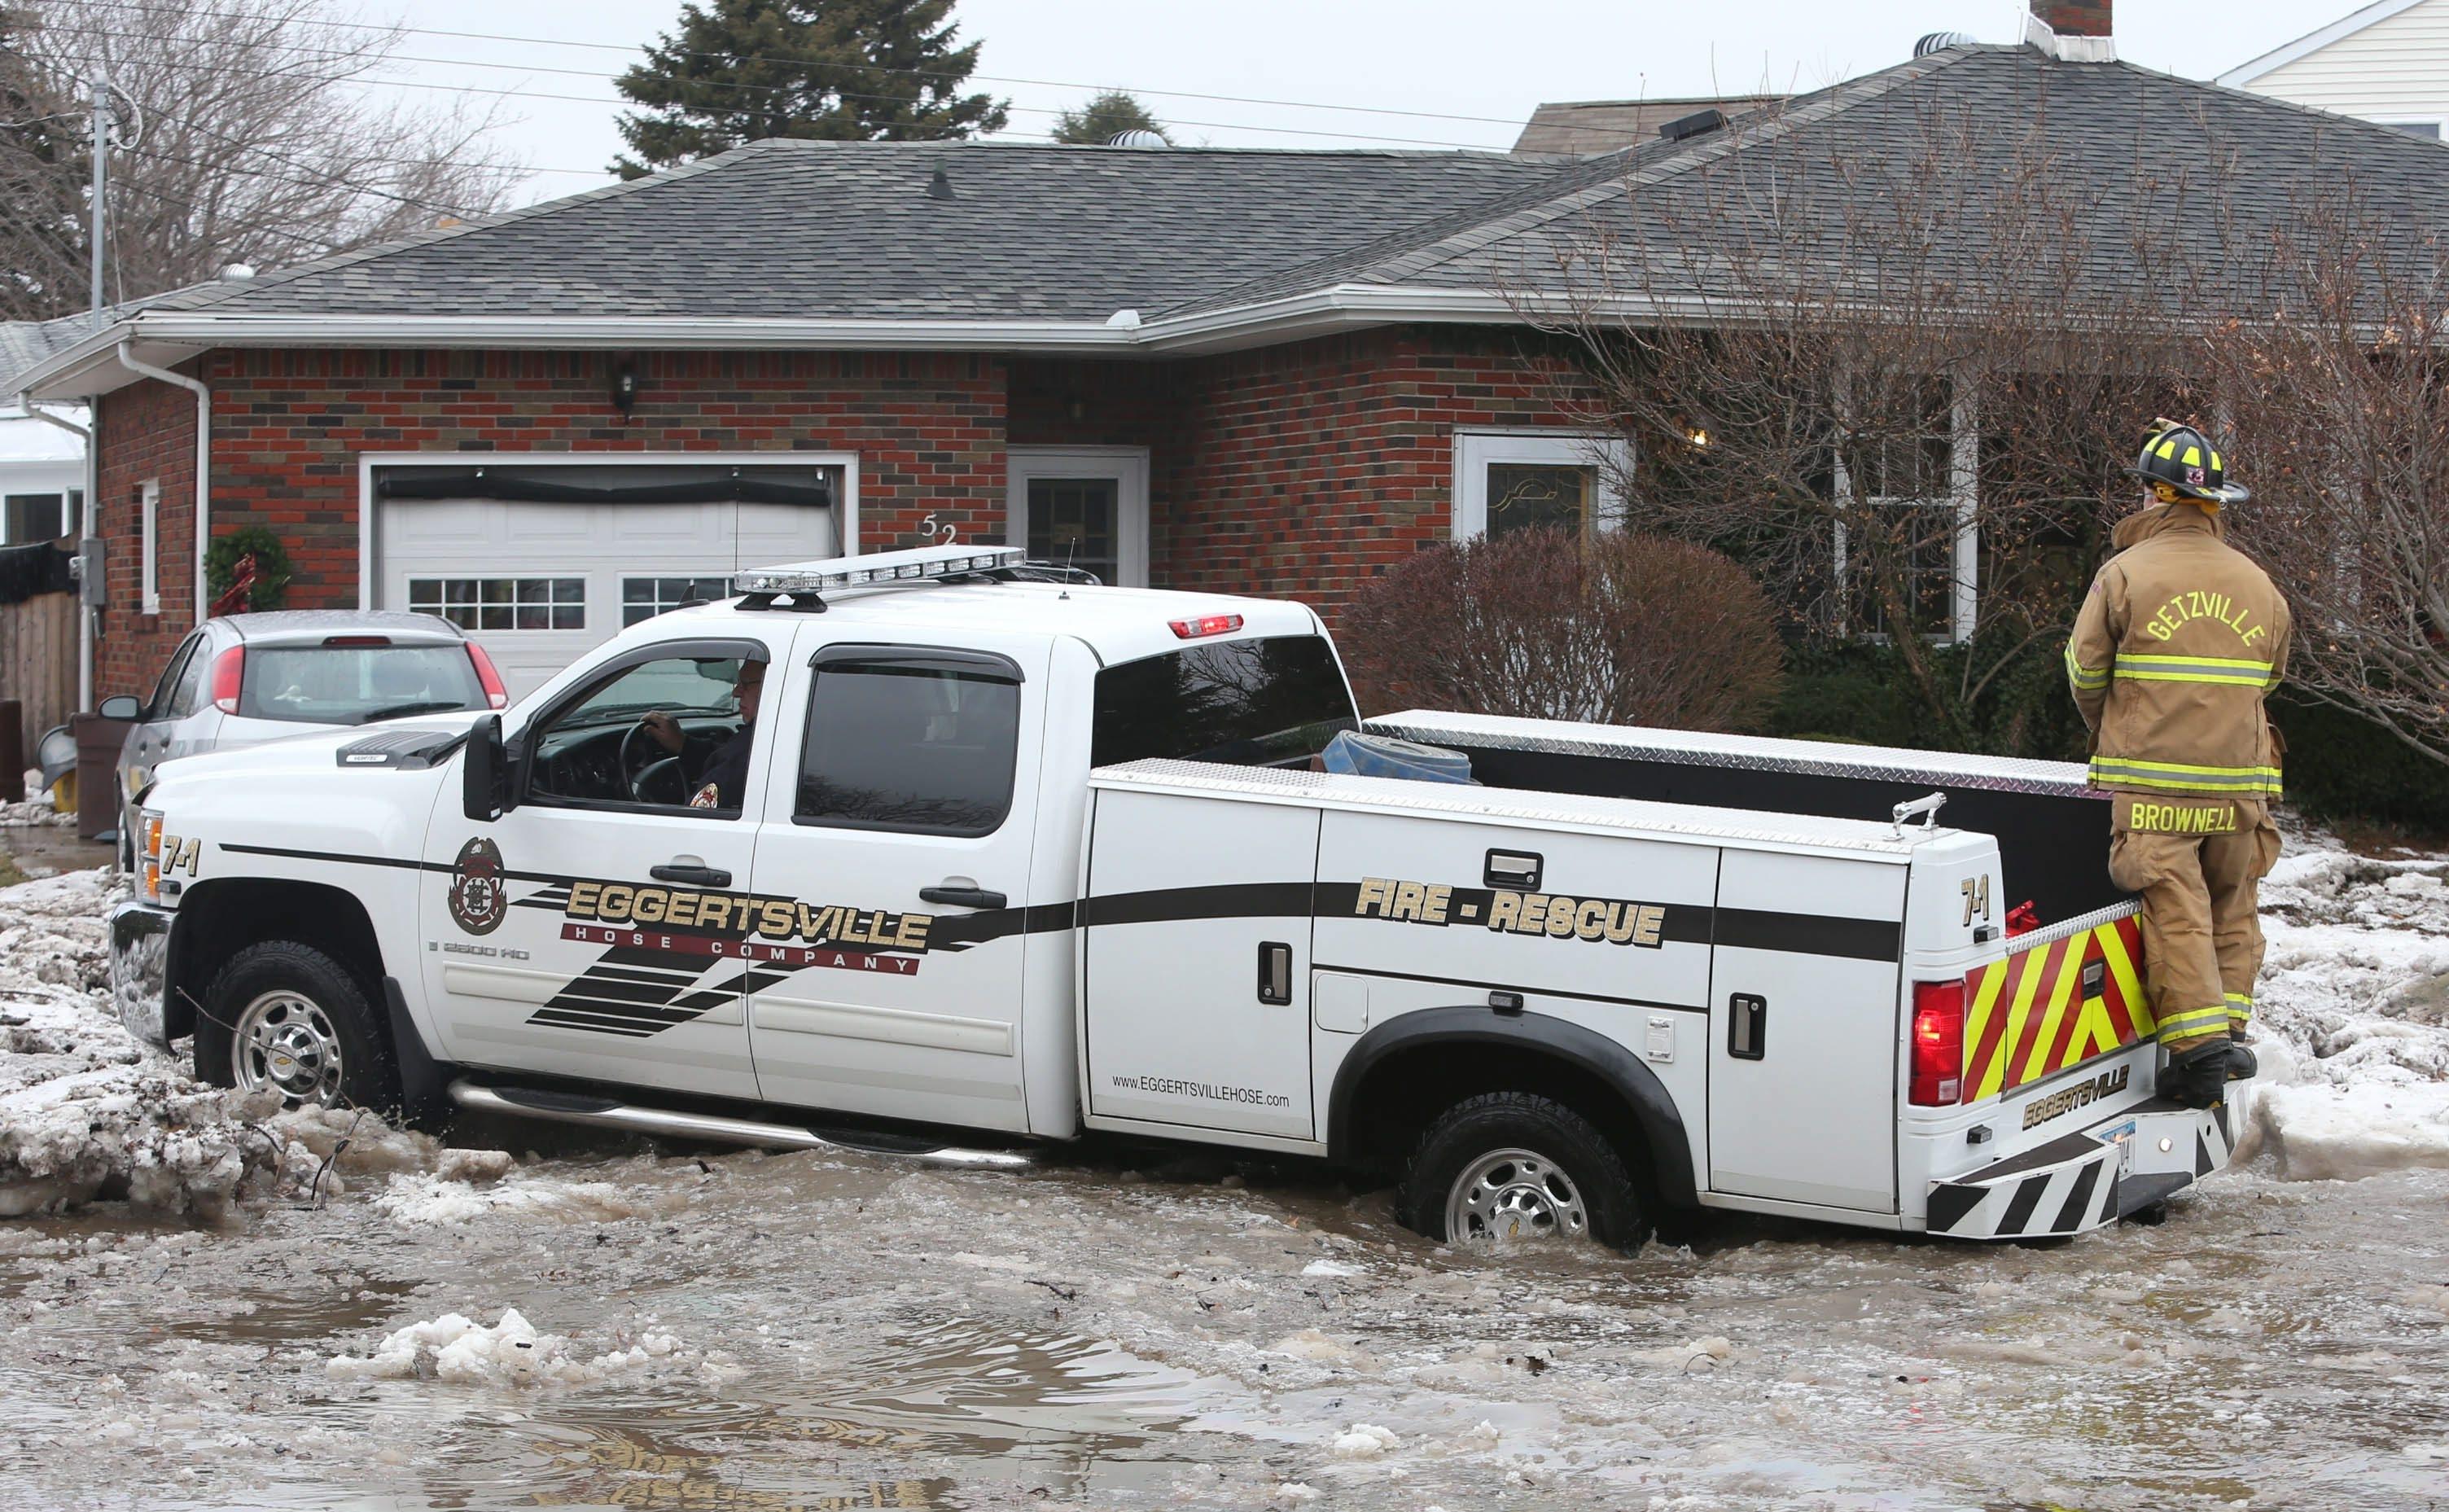 Getzville and Eggertsville volunteer firefighters go door to door offering assistance to residents on Brian Lane in West Seneca on Sunday.